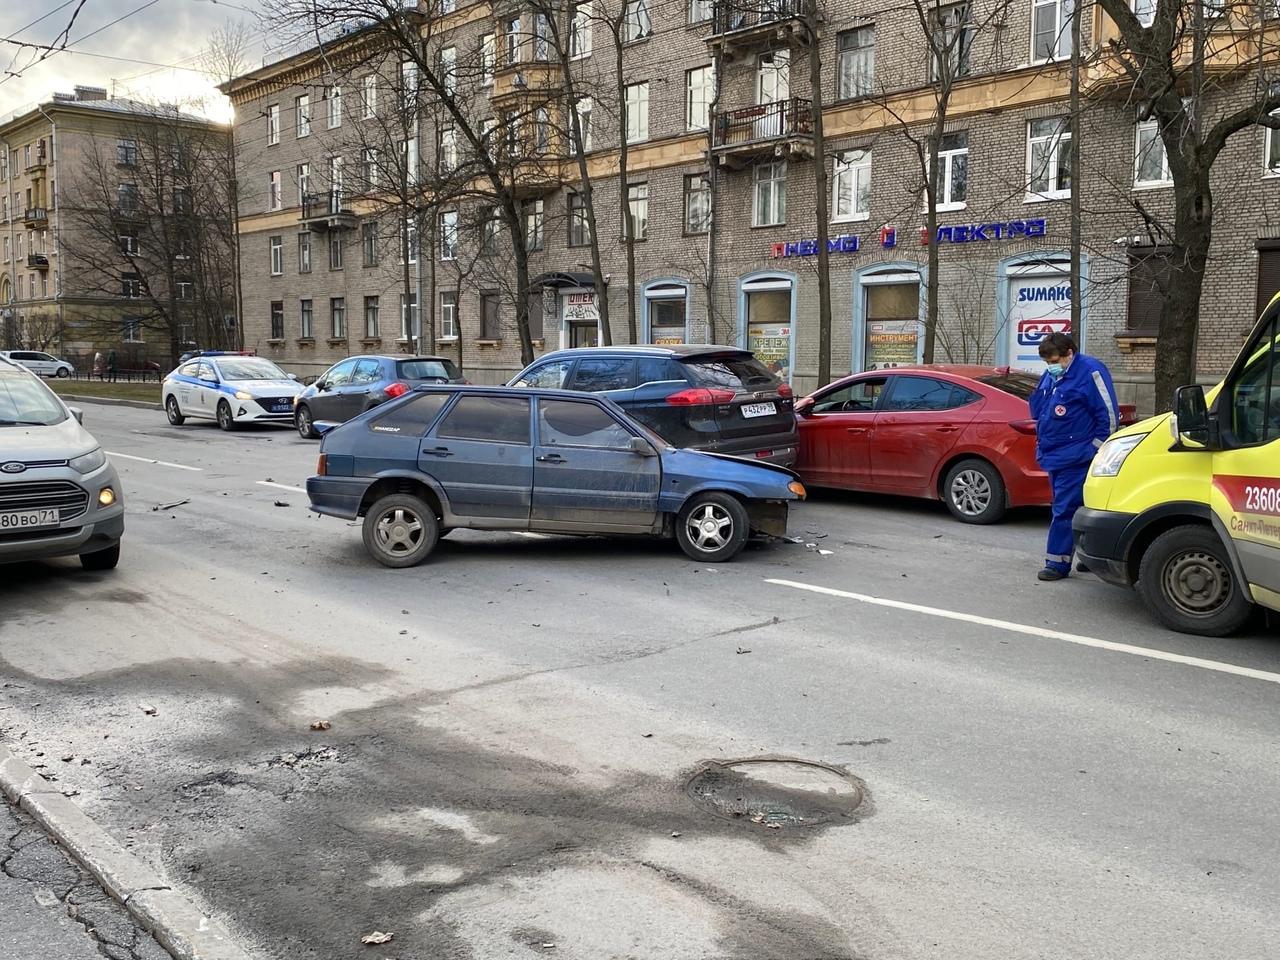 Серьезное ДТП на Курчатова, 6. На месте реанимация и скорая. Улица полностью перекрыта.